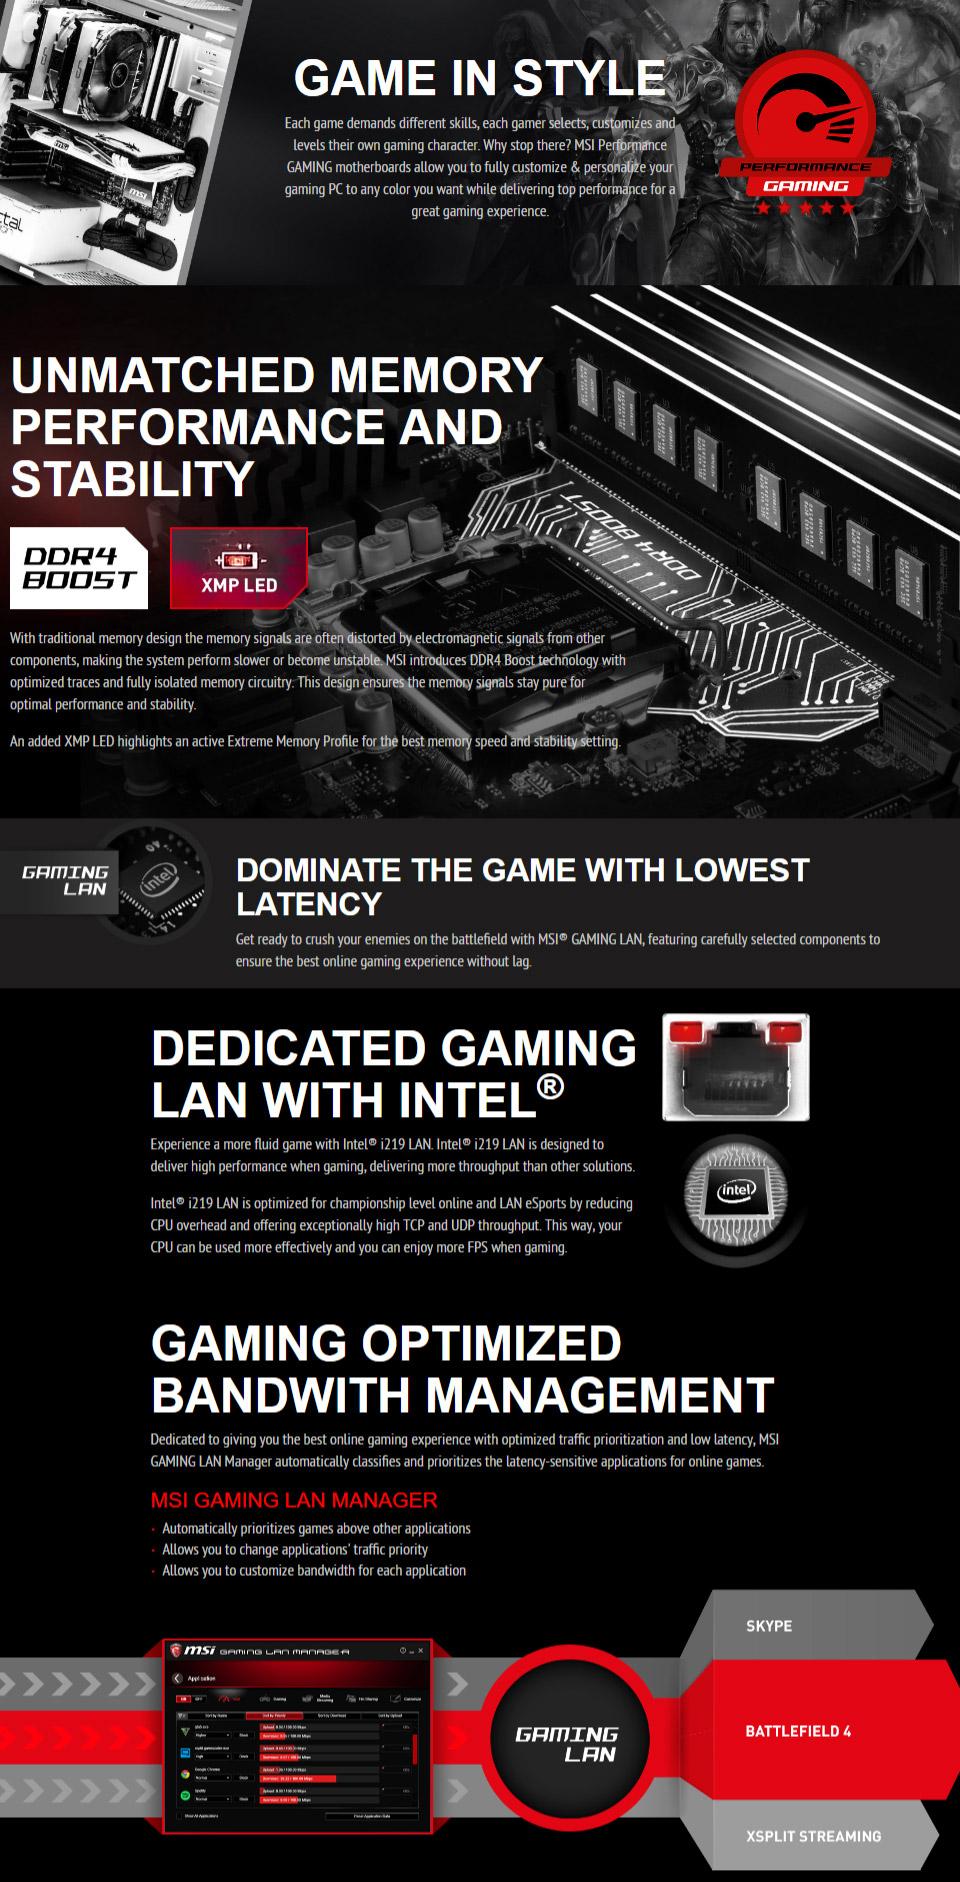 MSI Xeon E3 Krait Gaming V5 Workstation [E3-KRAIT-GAMING-V5